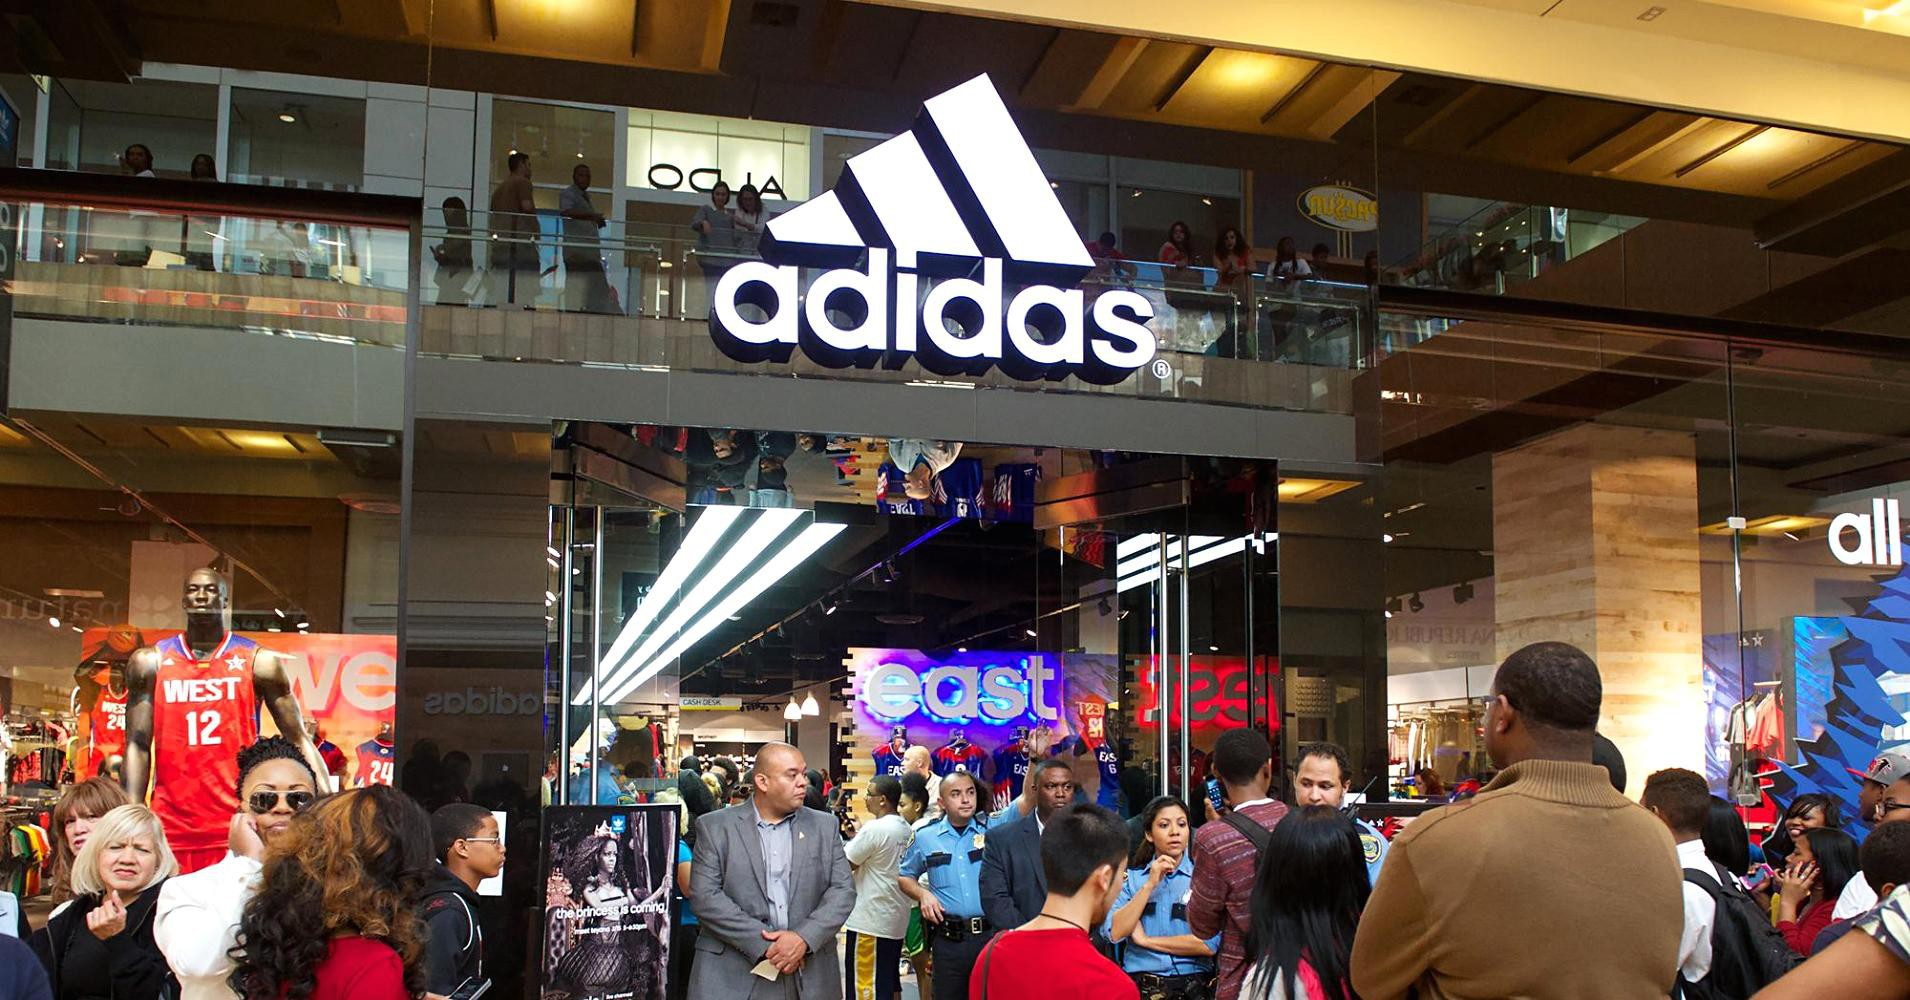 """CĐM sửng sốt vì biết tin 10% sản phẩm của Adidas đang được bán tại châu Á, kể cả store, đều là """"hàng fake"""""""